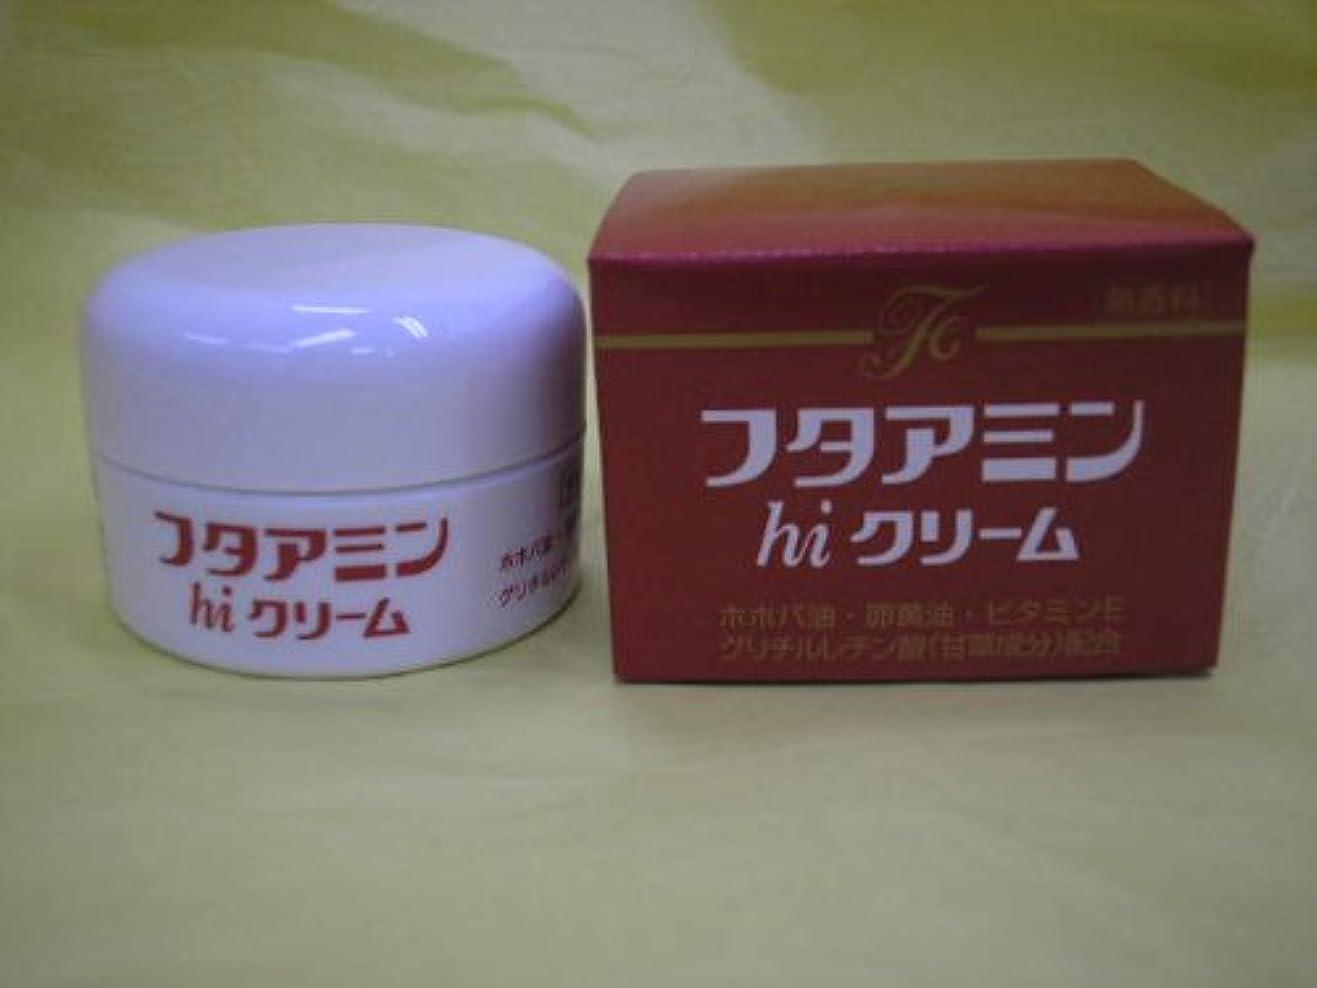 希少性レッスン助言するフタアミンhiクリーム 55g(無香料)医薬部外品